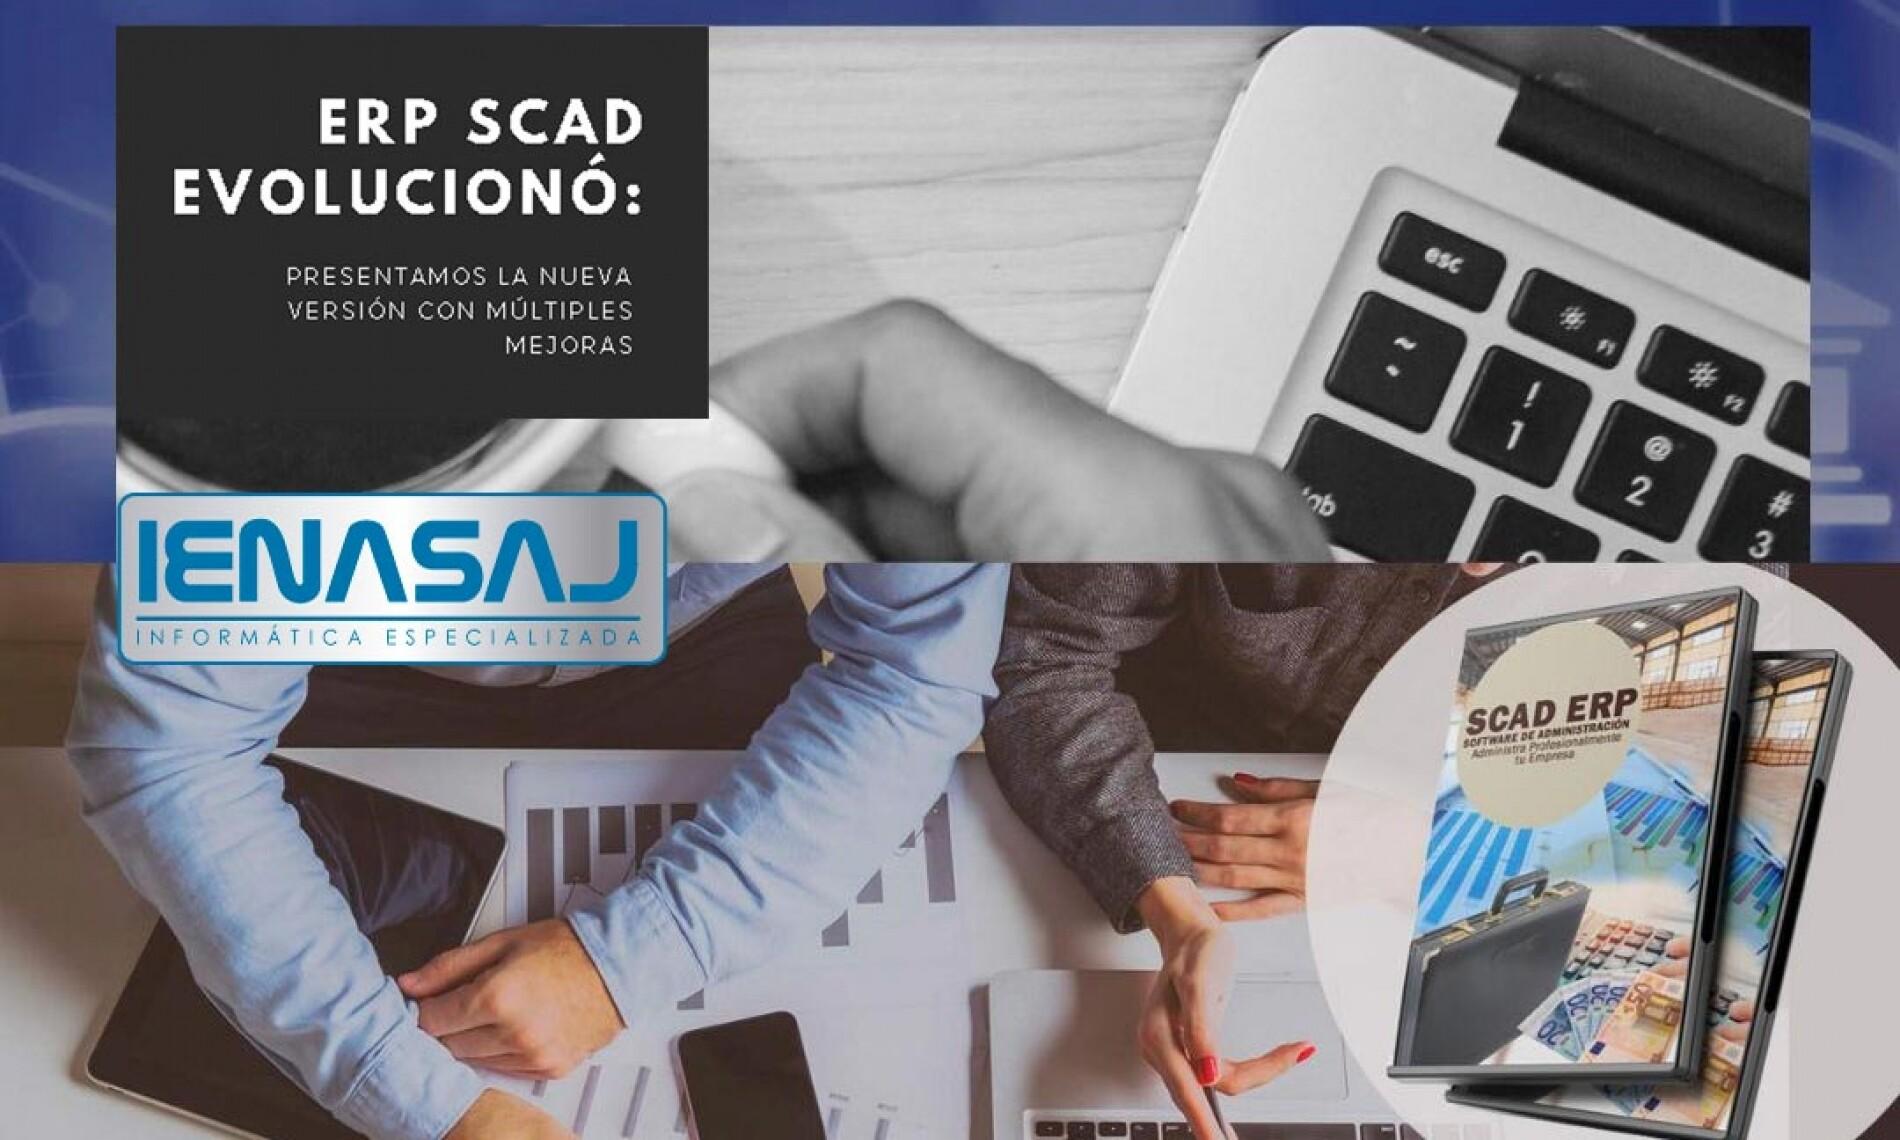 ERP SCAD Evolucionó: Les Presentamos La Nueva Versión Con Múltiples Mejoras